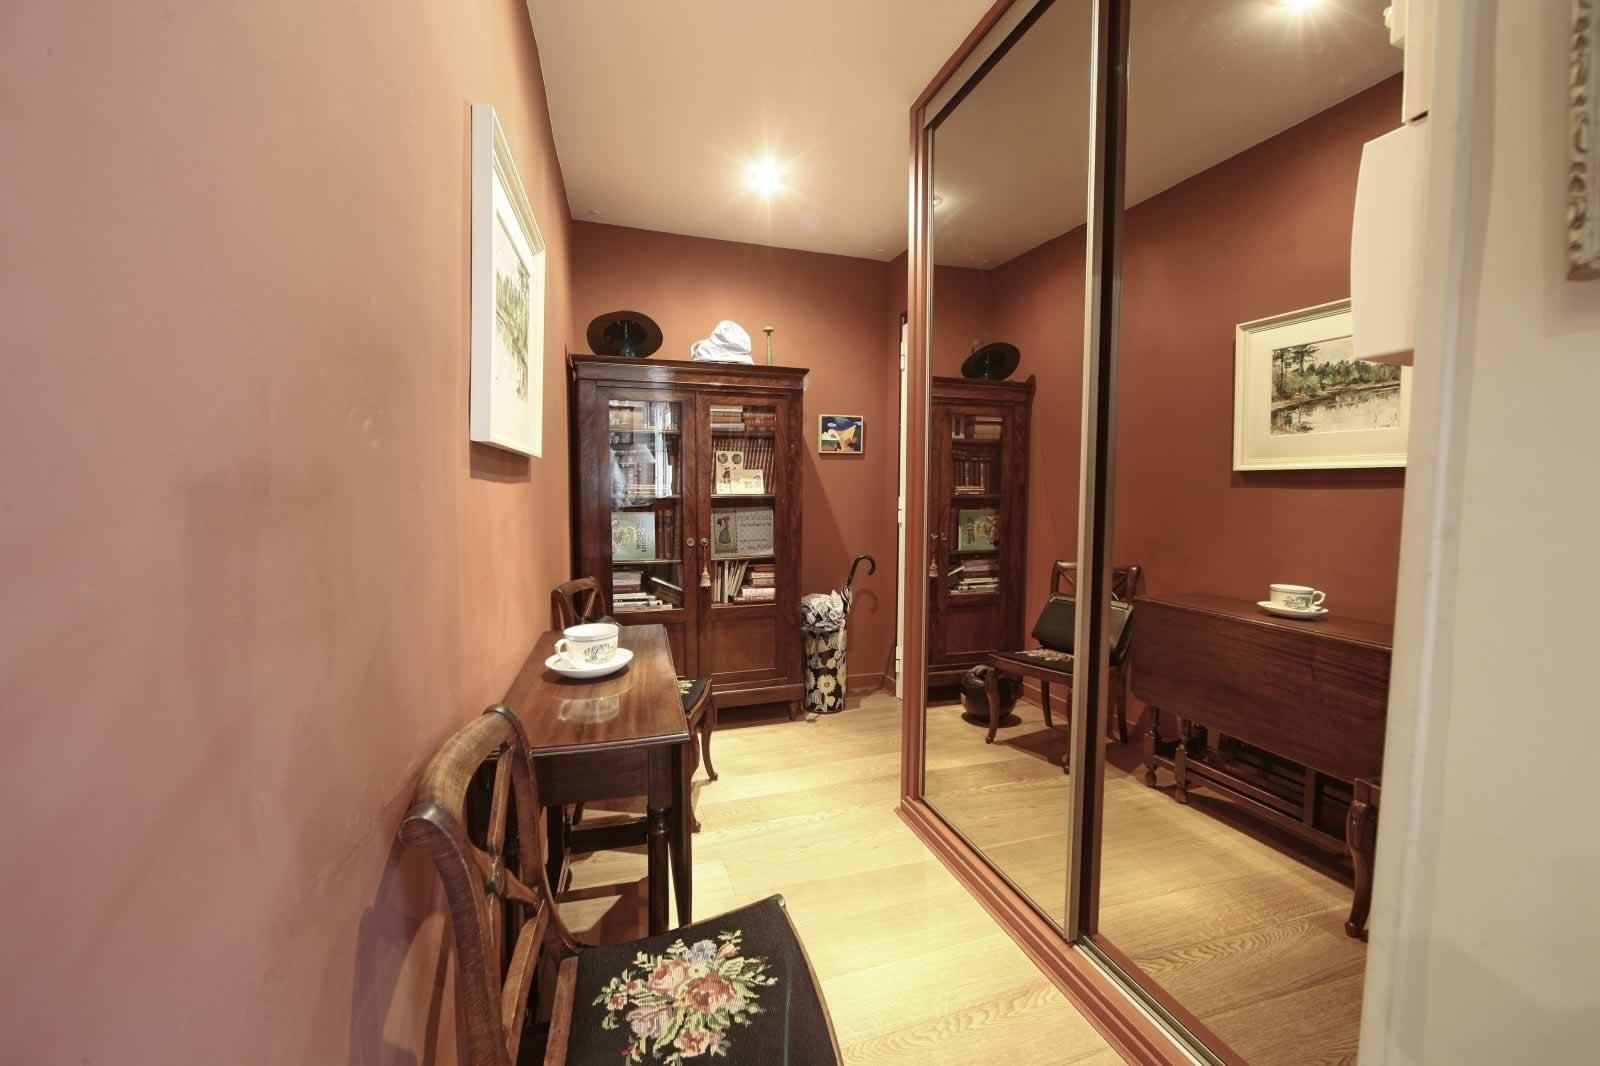 bel-appartement-a-vendre-immeuble-ascenseur-cellier-commerces-proximite